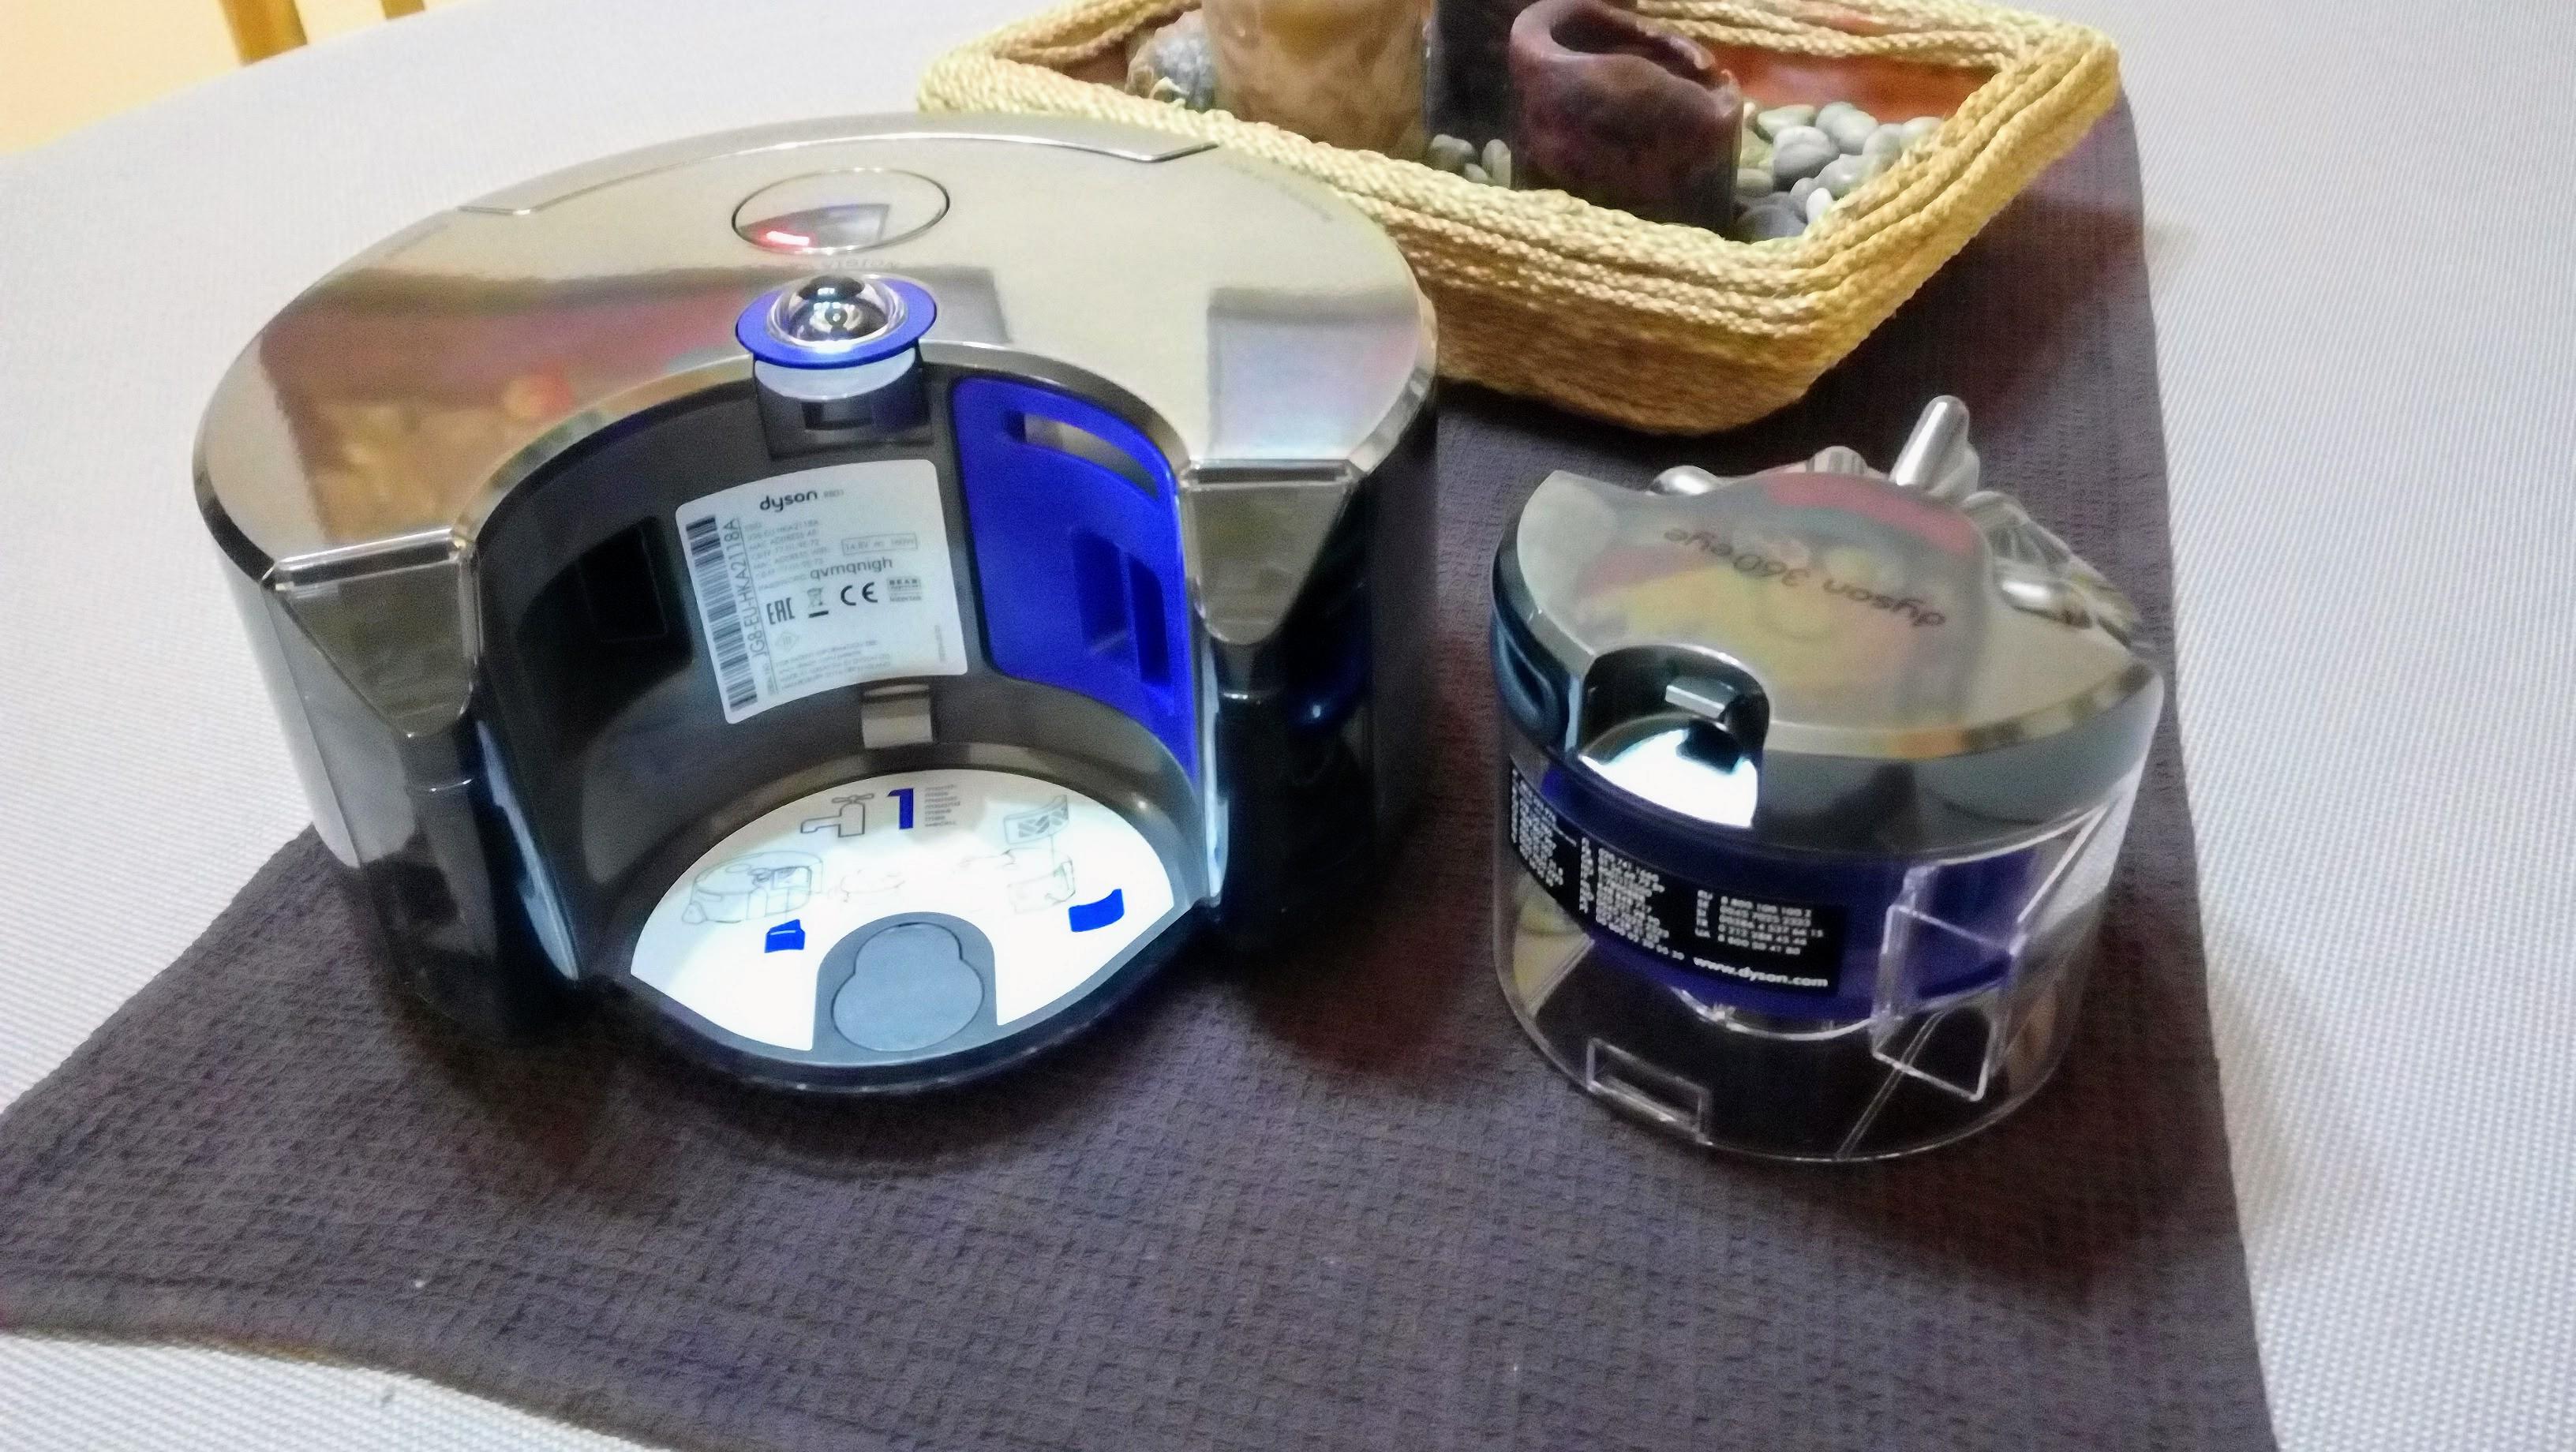 dyson 360 eye robot aspiradora frontal